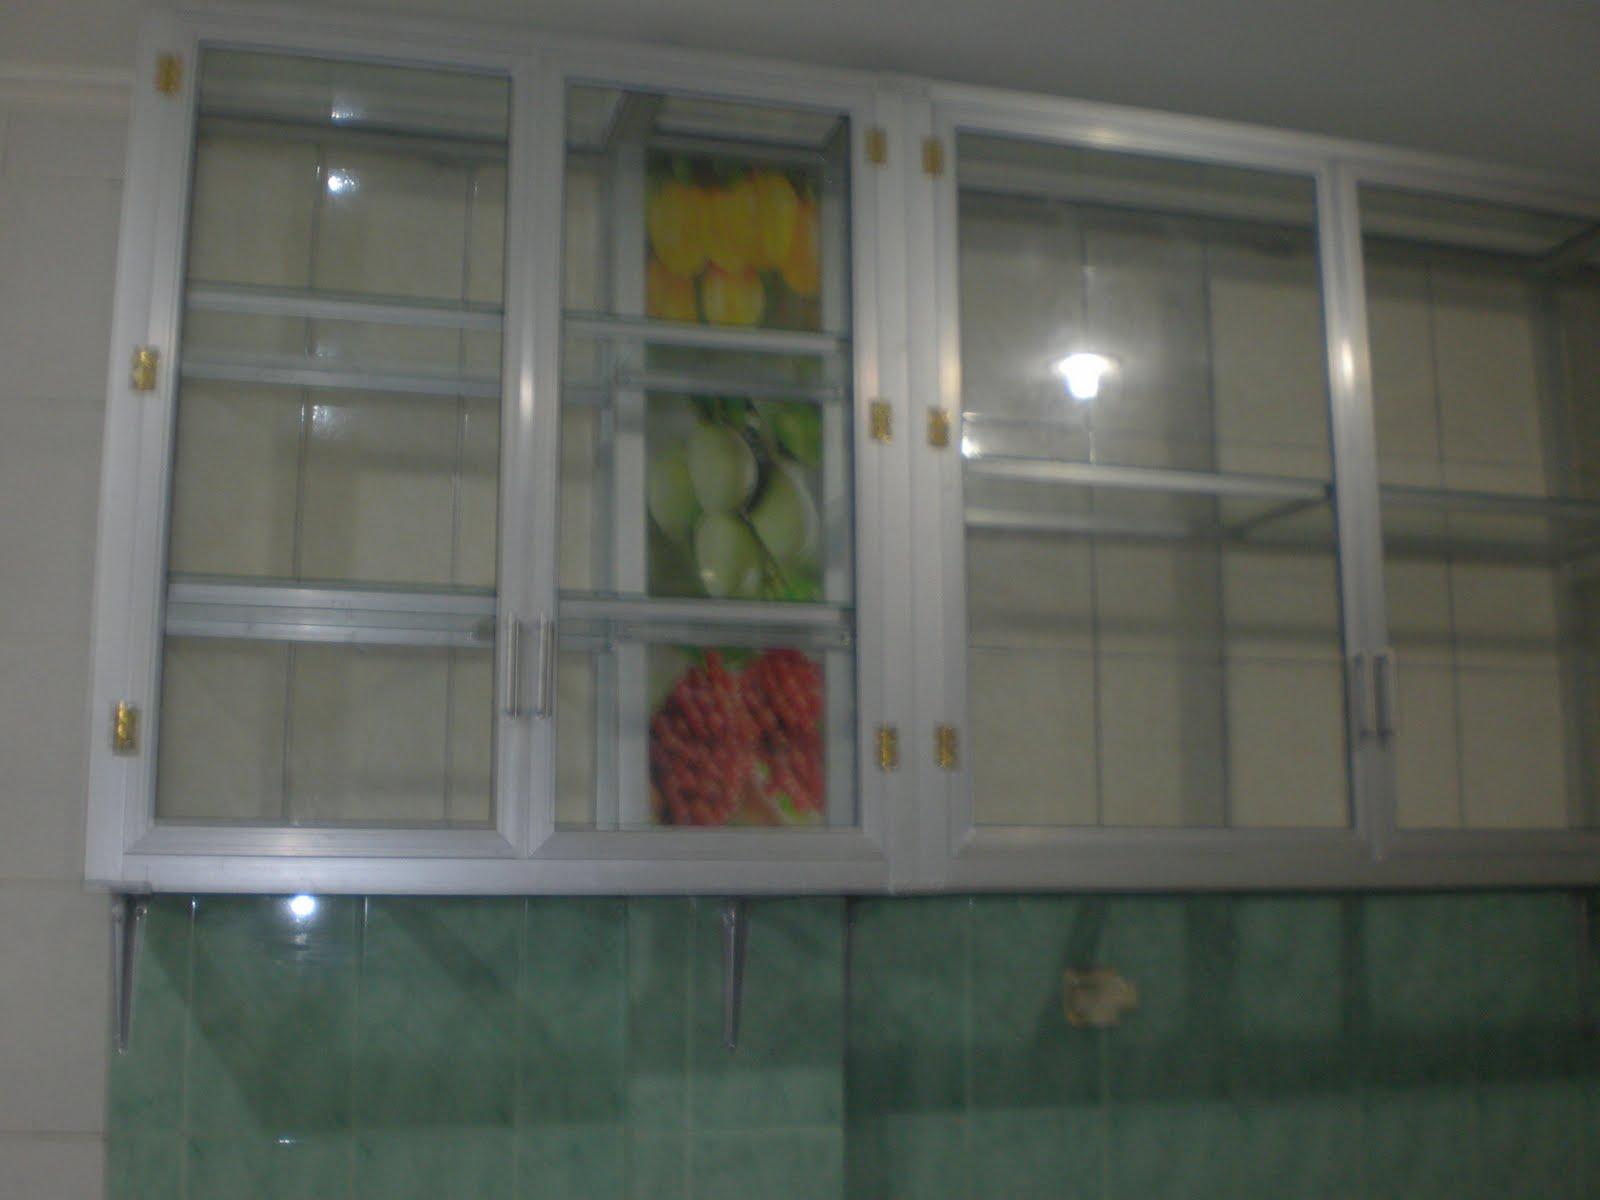 Kusen Alumium Pintu Aluminium Jendela Partisi Gypsum Kaca Kabinet Dapur Kitchen Set